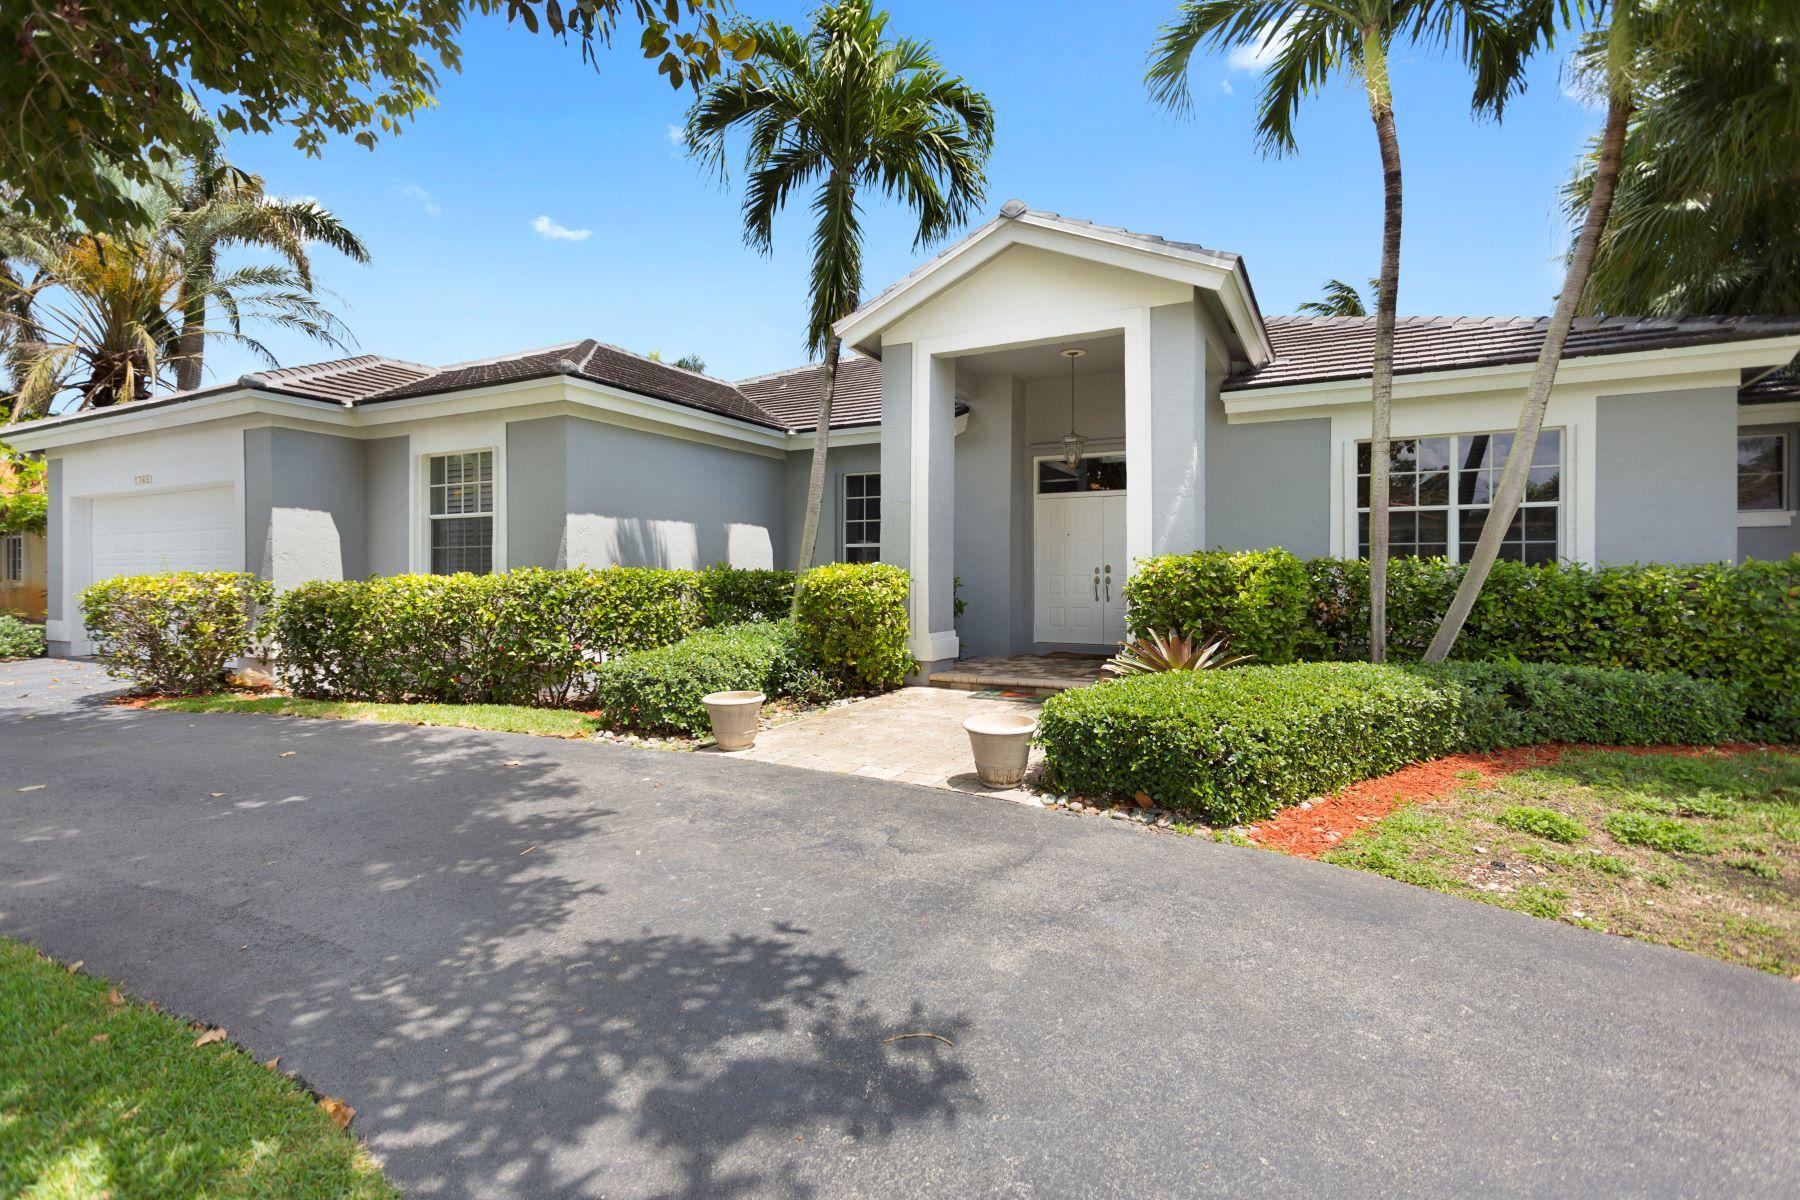 Частный односемейный дом для того Продажа на 17651 Sw 81st Ct Palmetto Bay, Флорида, 33157 Соединенные Штаты